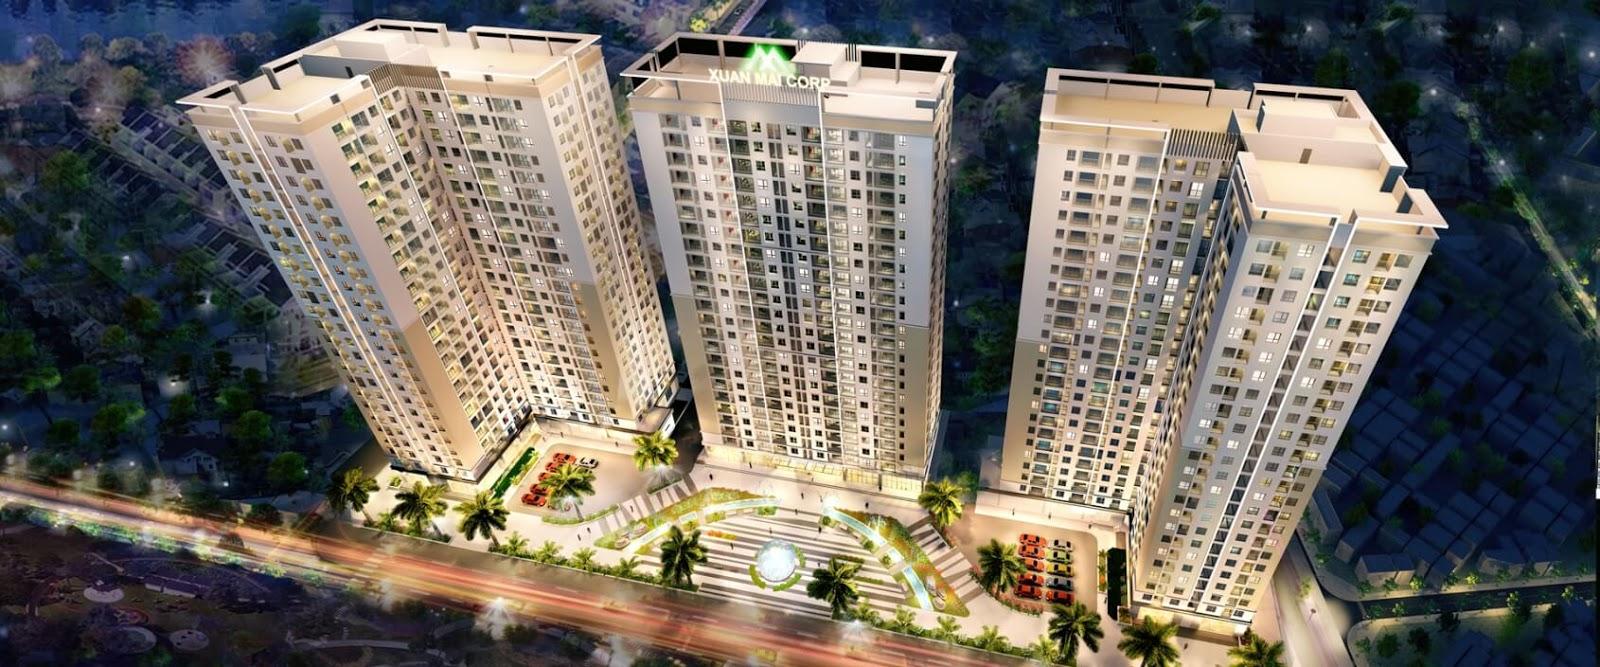 Slide Chung cư Xuân Mai Tower Thanh Hoá